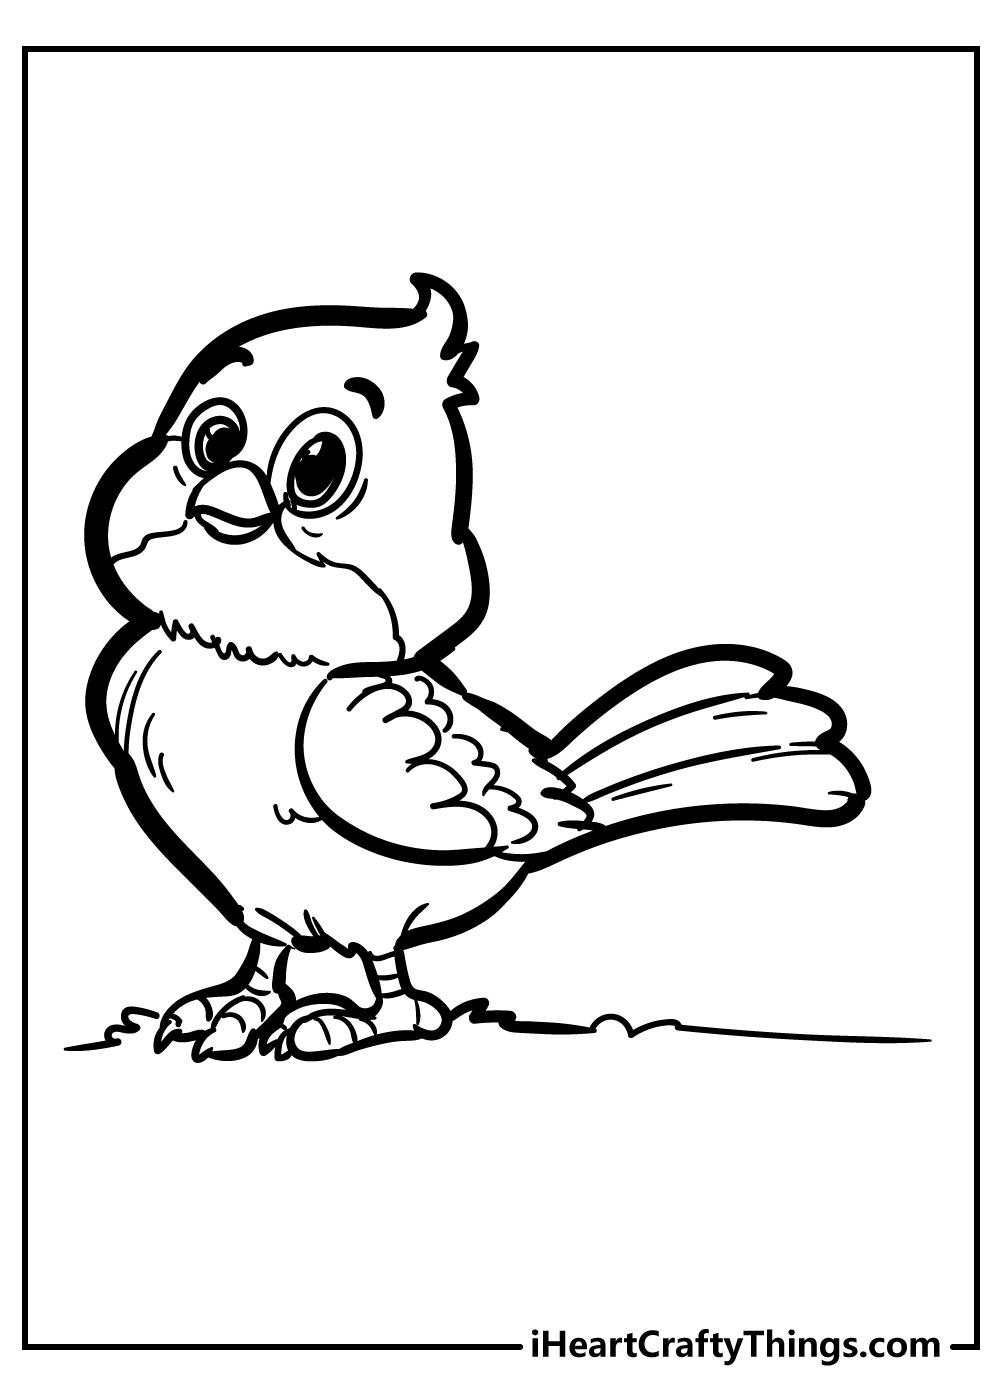 Unique Bird Coloring Pages